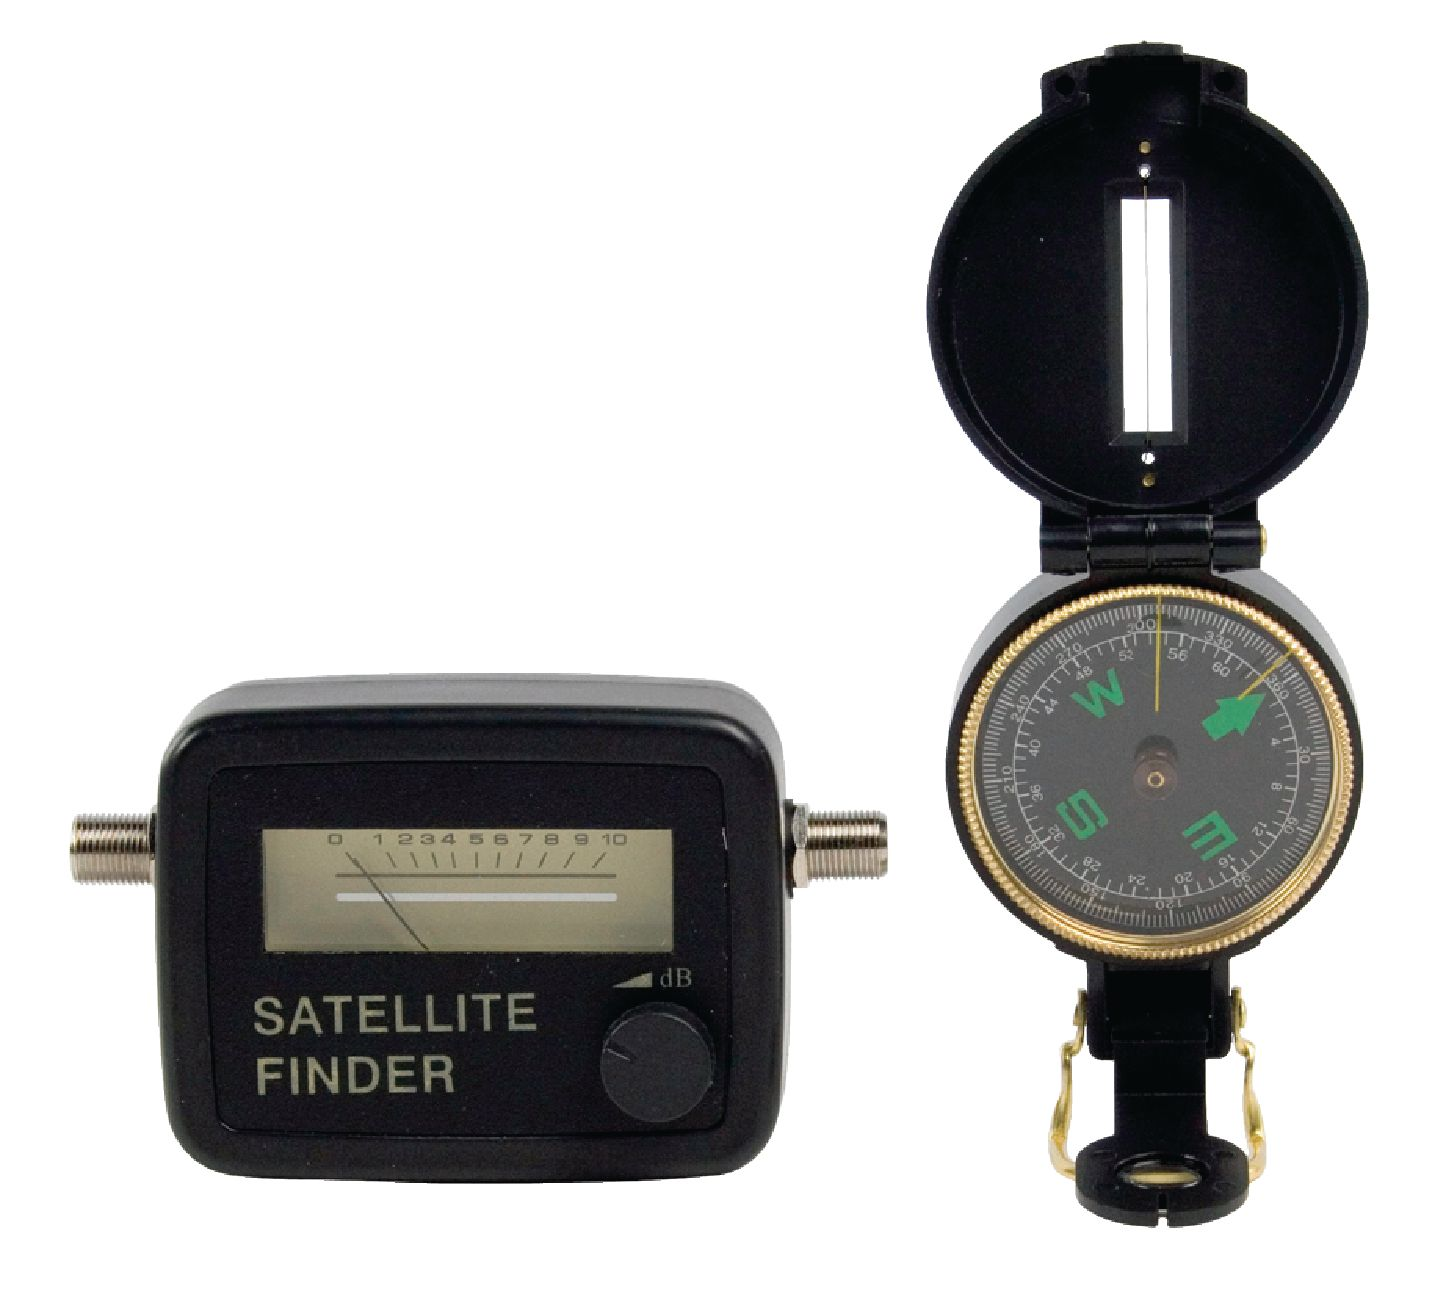 KoNIG Souprava pro vyhledávání satelitů